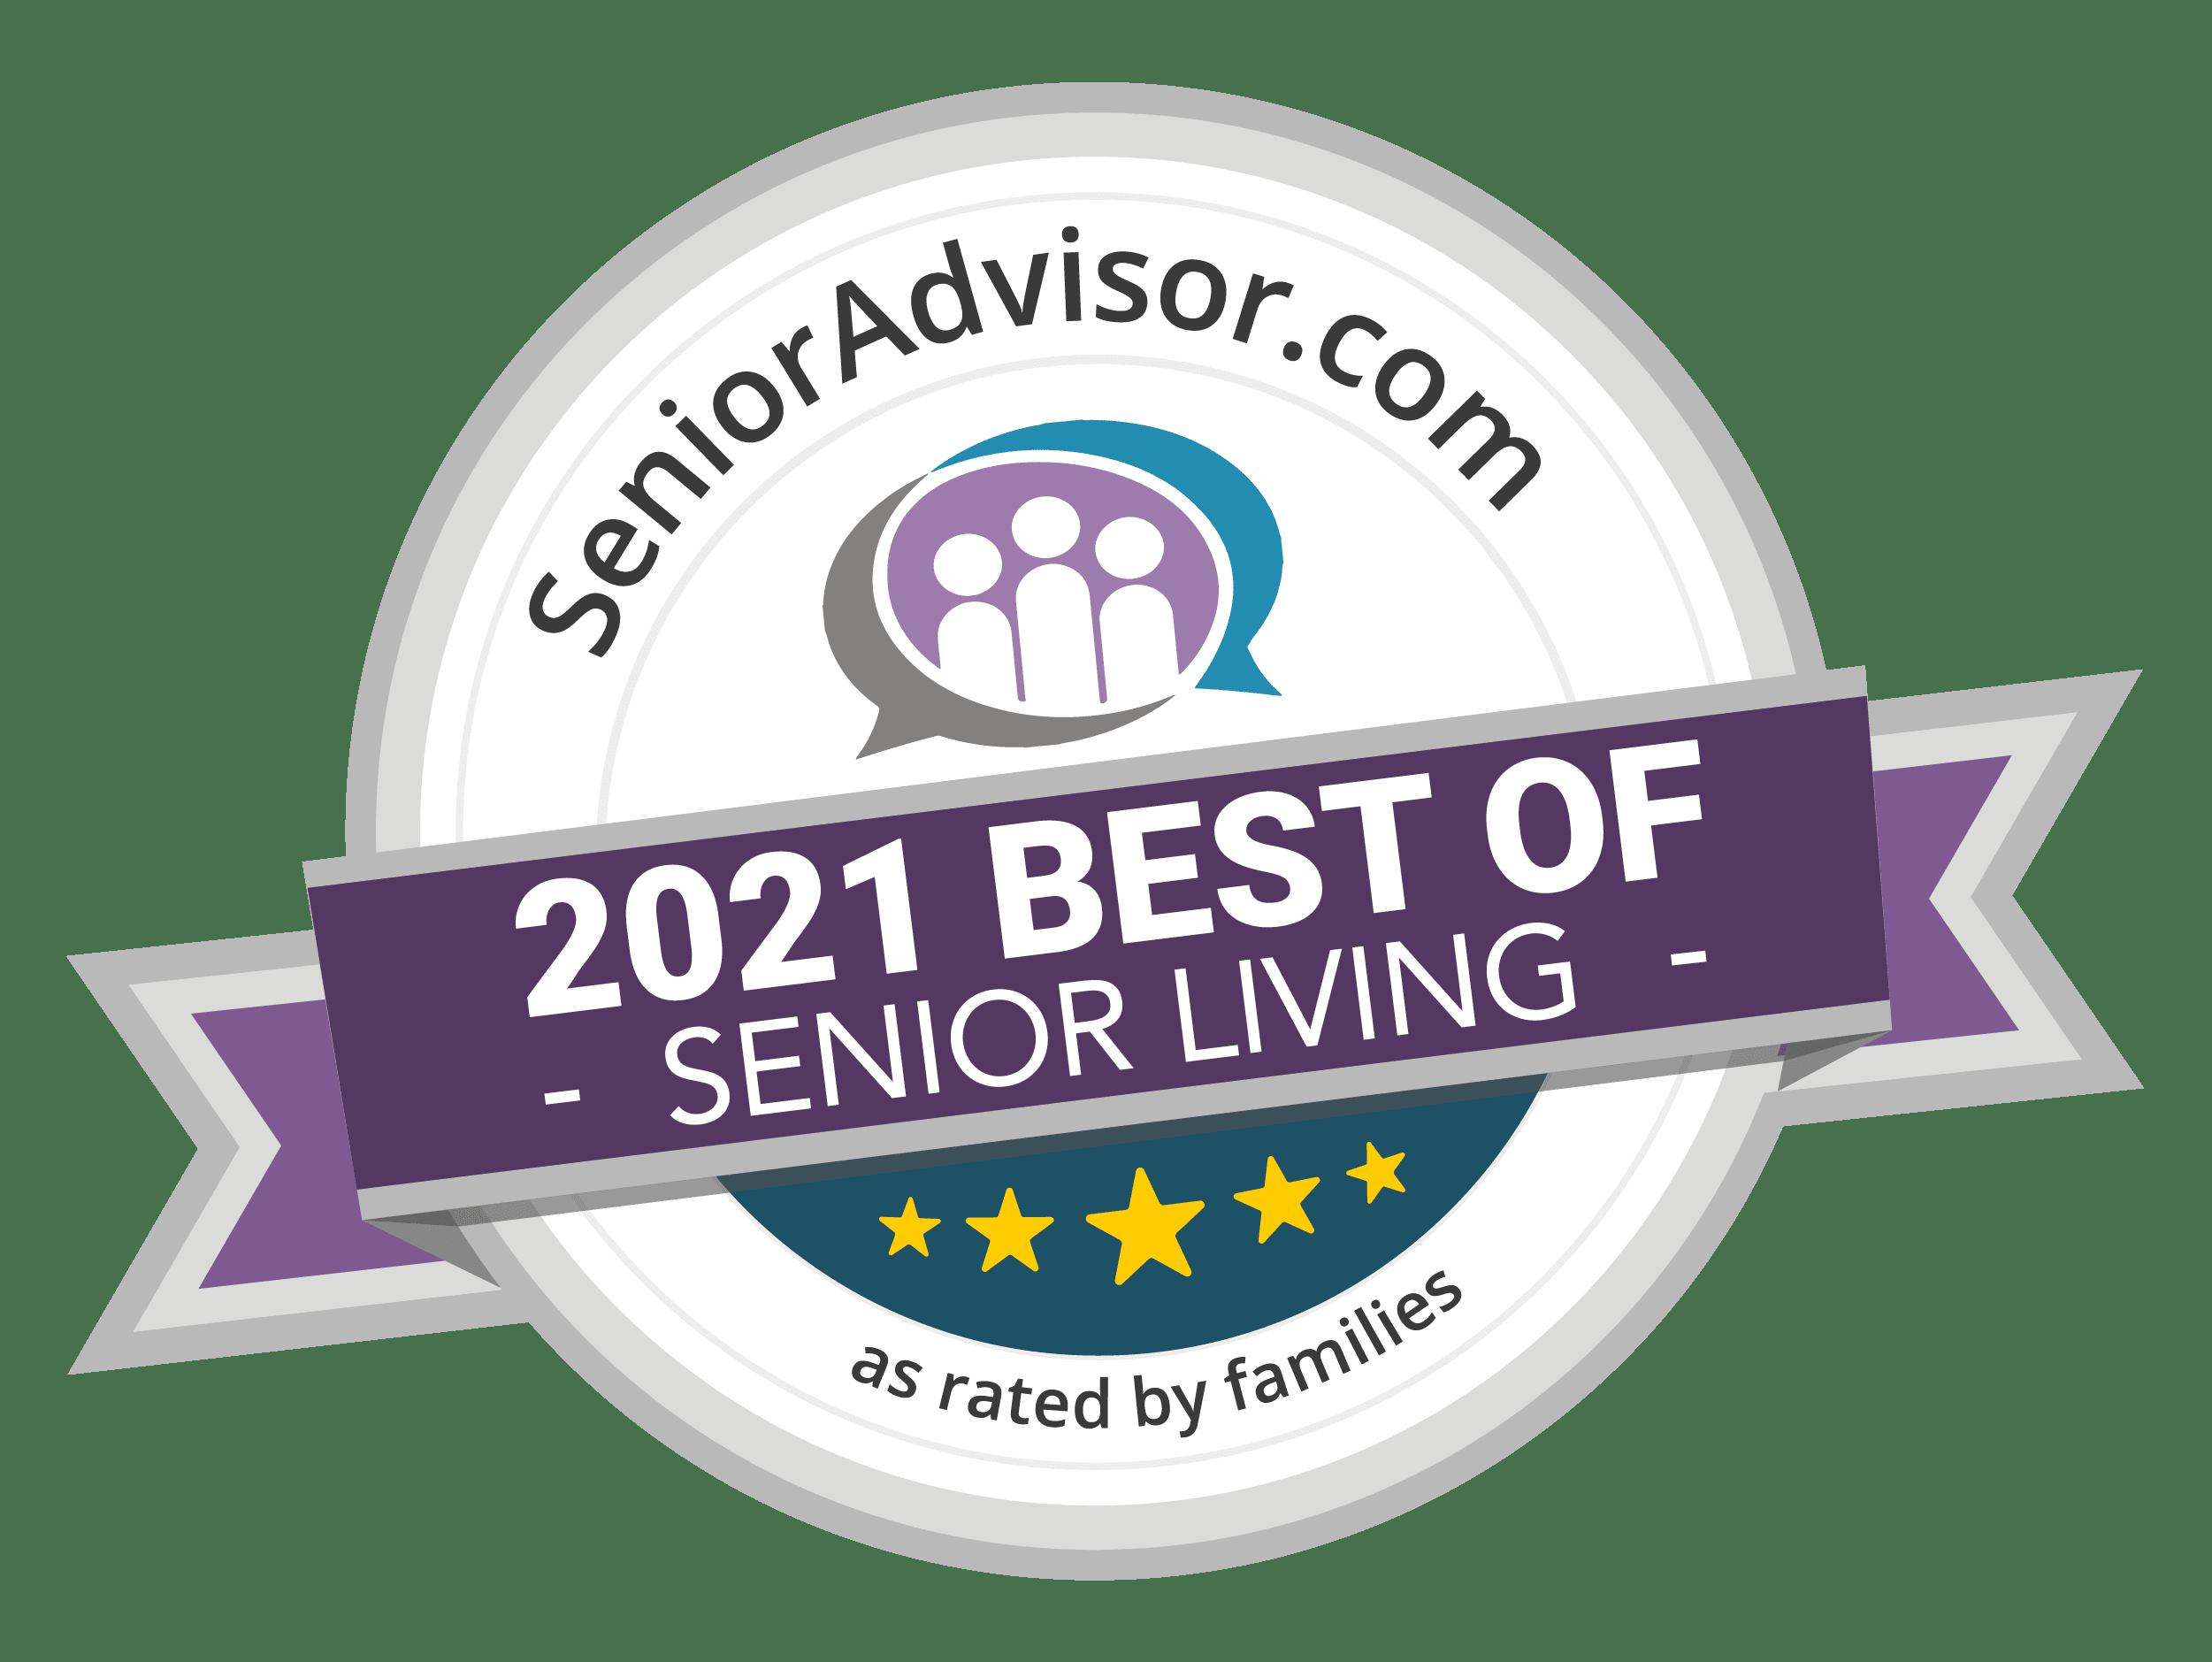 2018 best of senior living award for Chestnut Knoll in Boyertown, PA